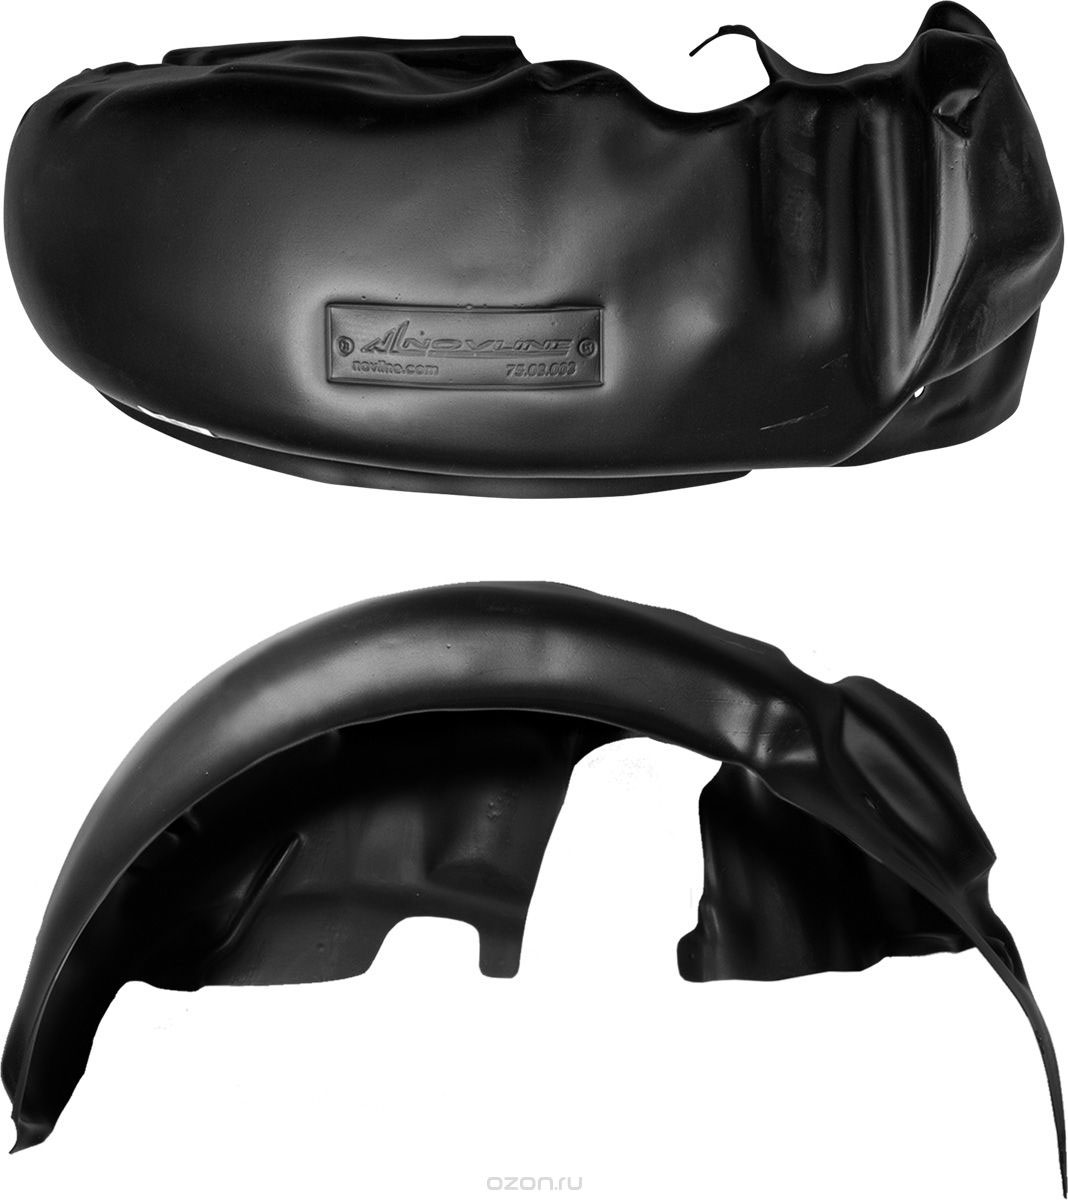 Подкрылок Novline-Autofamily, для Kia Rio III, 2010-2011, задний левый09066Идеальная защита колесной ниши. Локеры разработаны с применением цифровых технологий, гарантируют максимальную повторяемость поверхности арки. Изделия устанавливаются без нарушения лакокрасочного покрытия автомобиля, каждый подкрылок комплектуется крепежом. Уважаемые клиенты, обращаем ваше внимание, что фотографии на подкрылки универсальные и не отражают реальную форму изделия. При этом само изделие идет точно под размер указанного автомобиля.